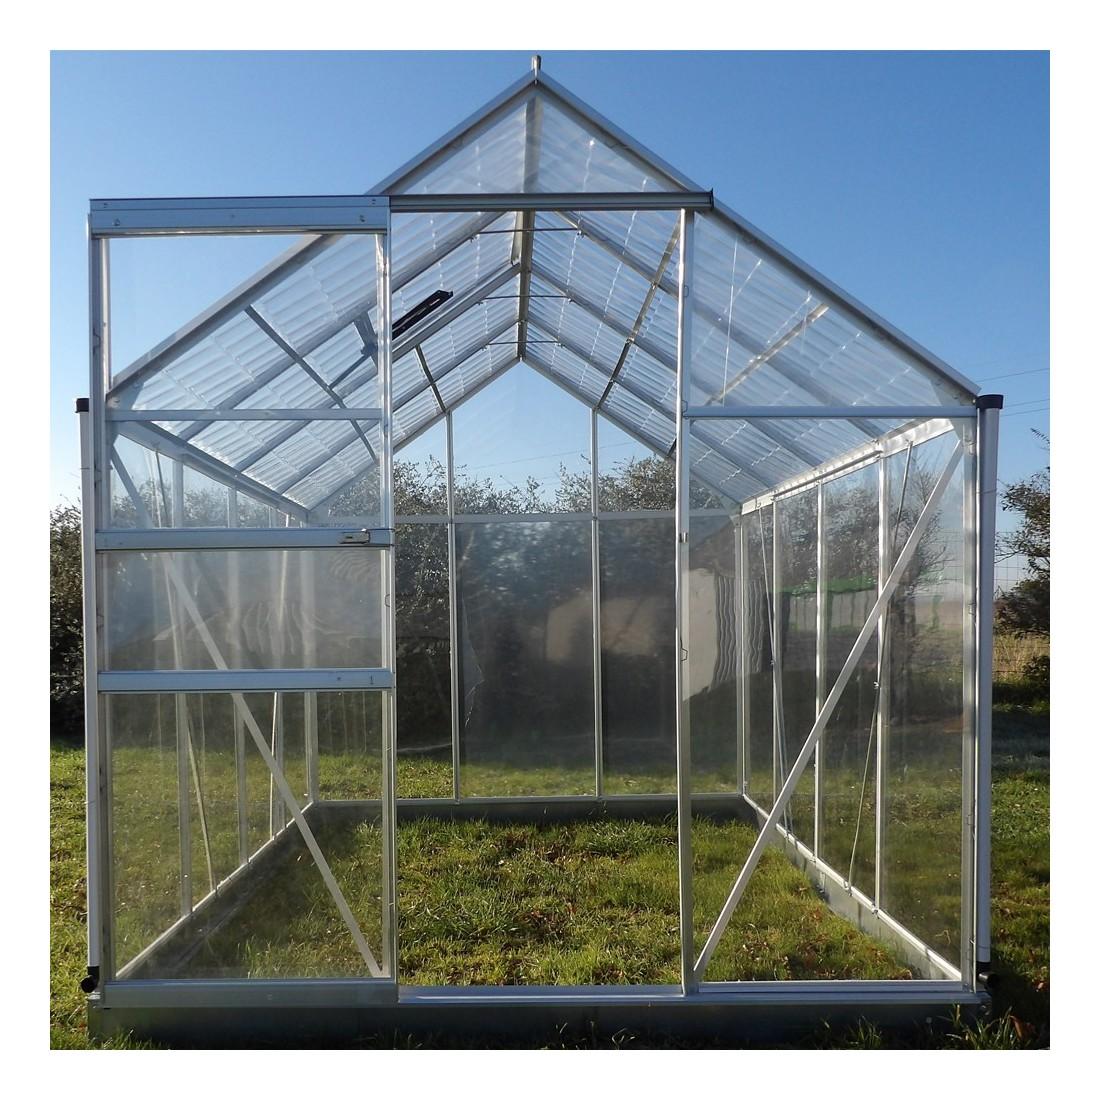 Serre cristal 4 75m - Plaque polycarbonate pour serre jardin ...